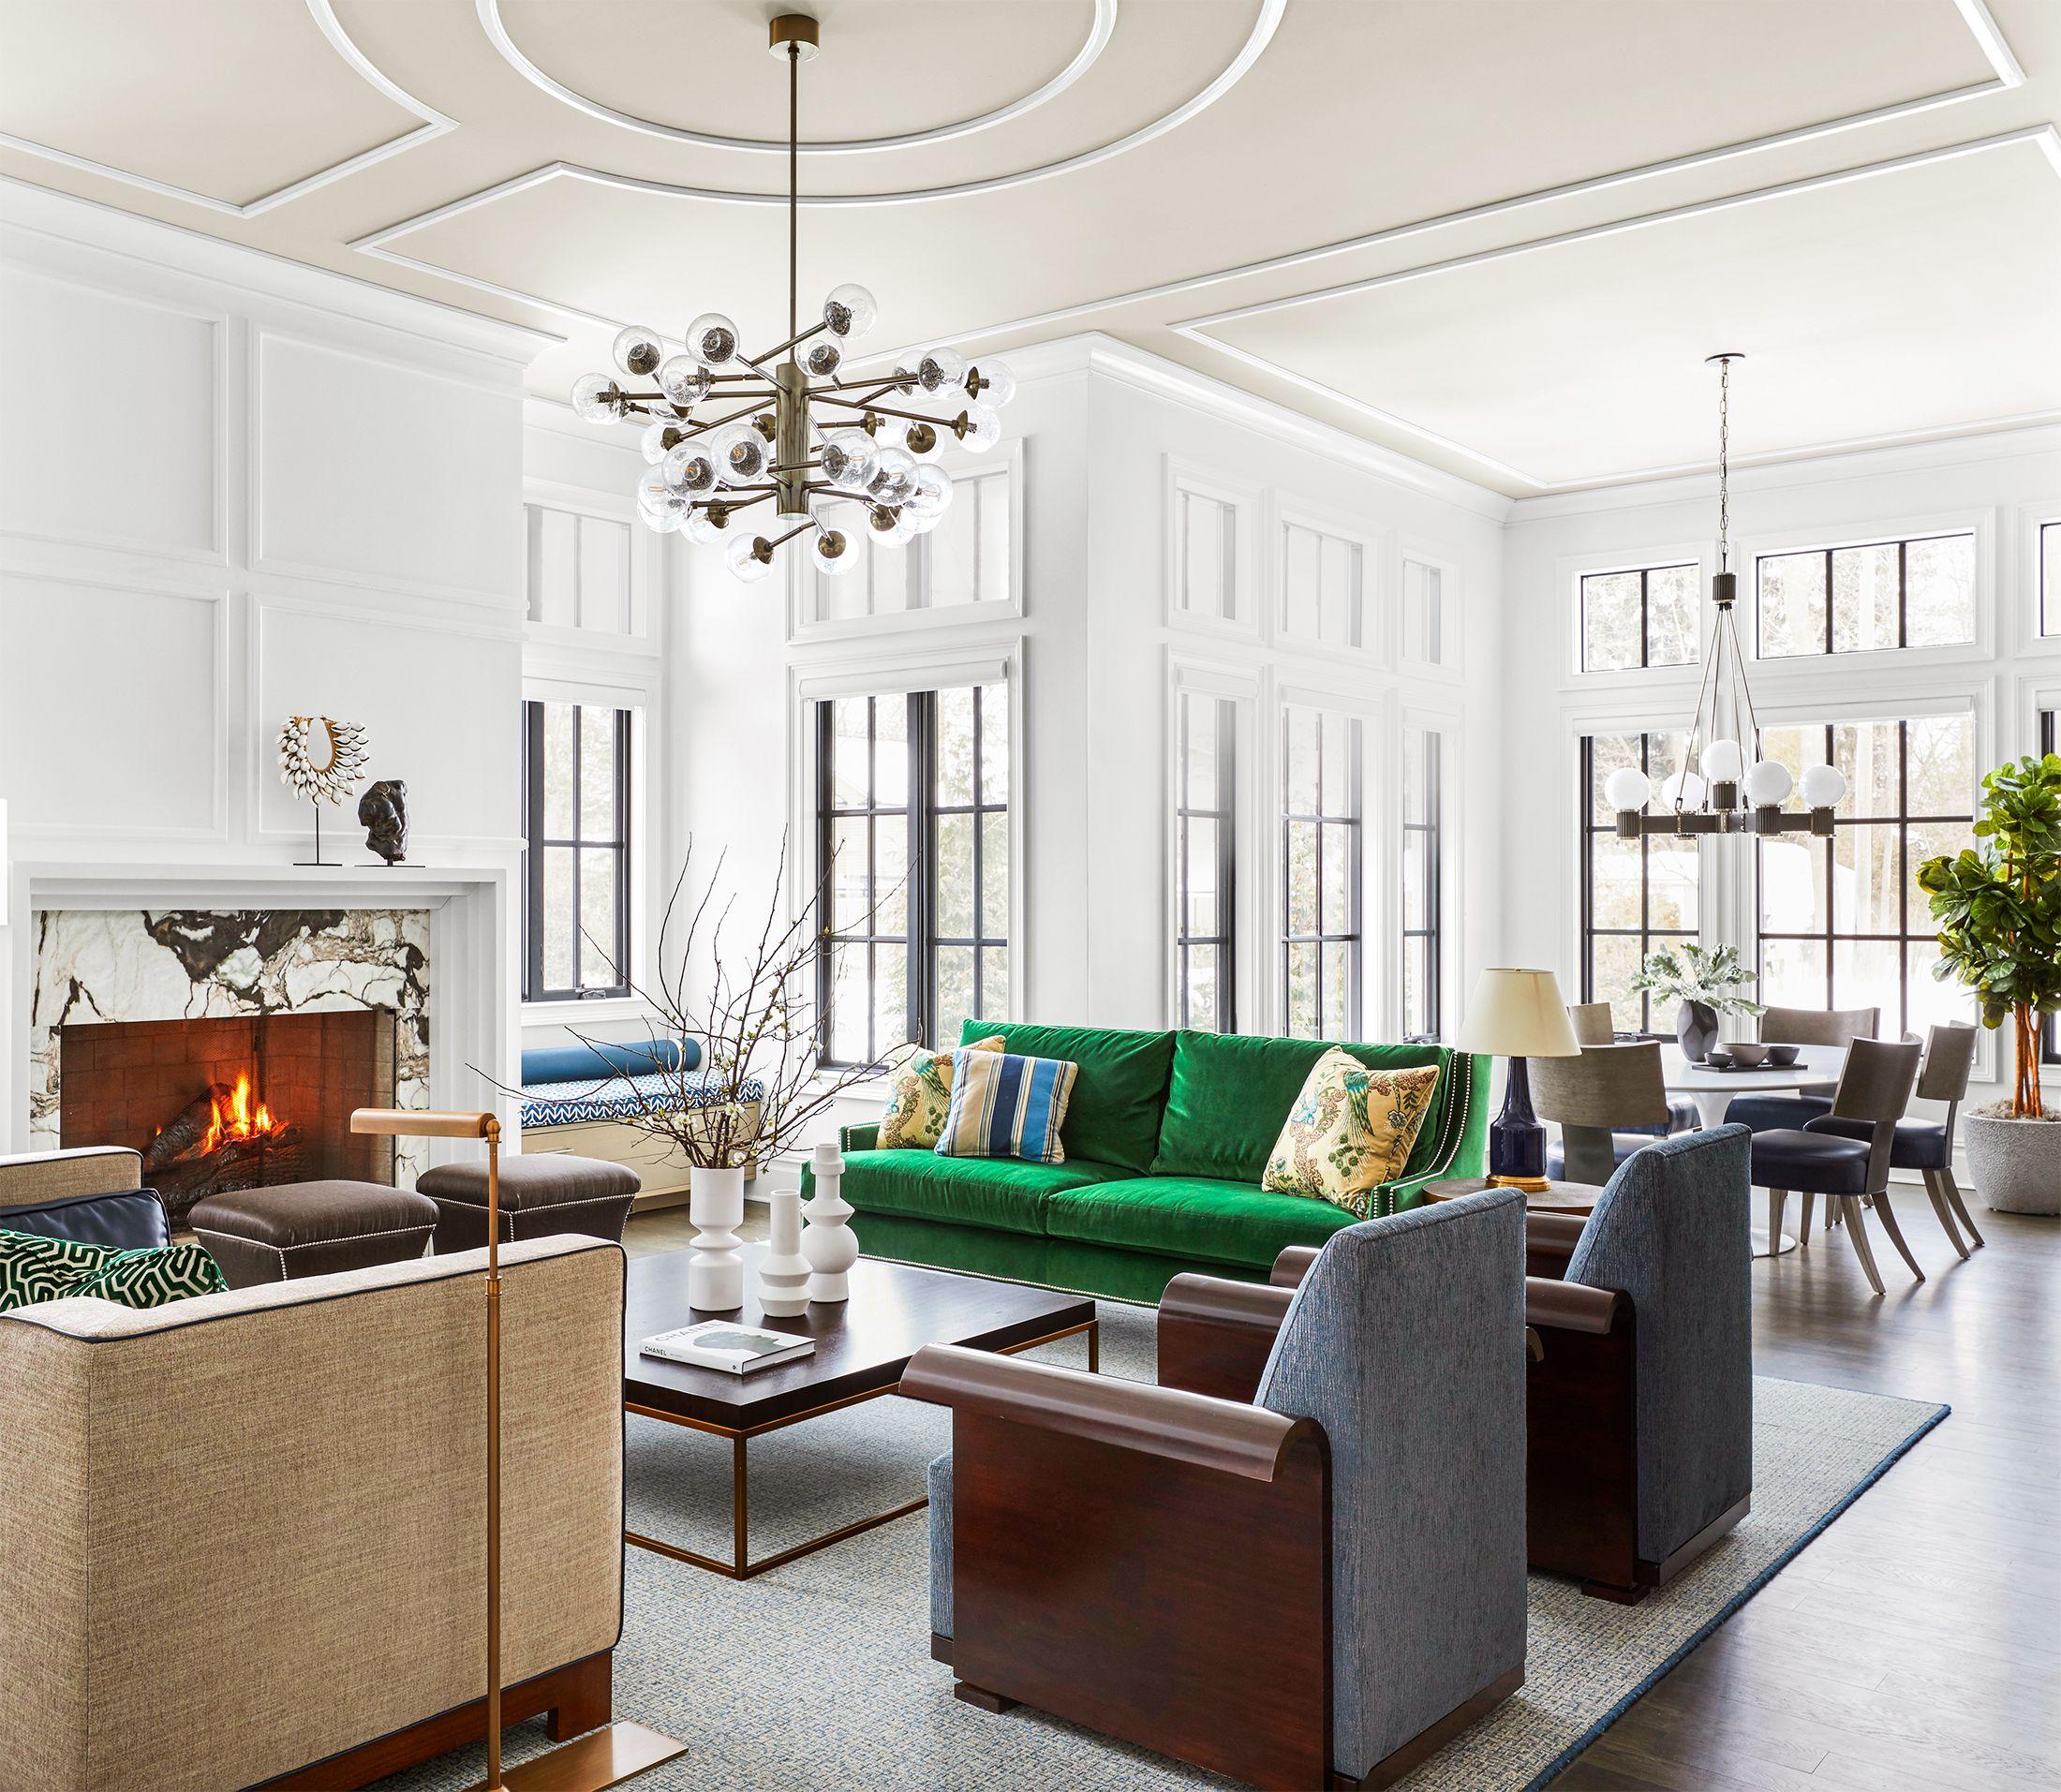 26 White Living Room Ideas Decor For, White Living Room